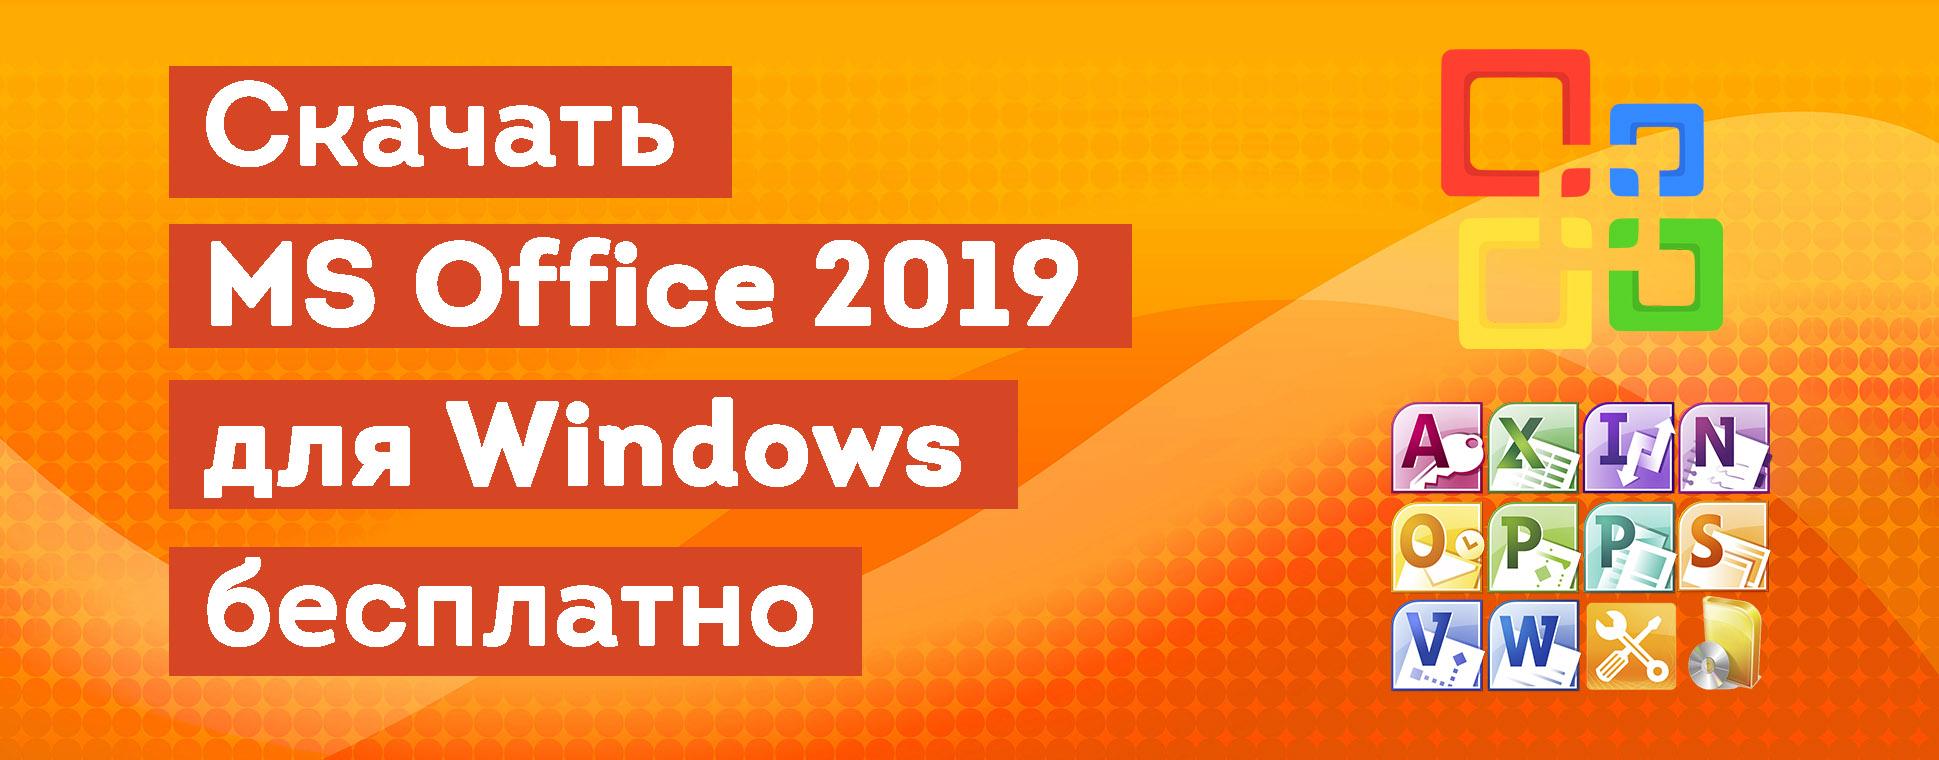 Скачать Microsoft Office 2019 для Windows